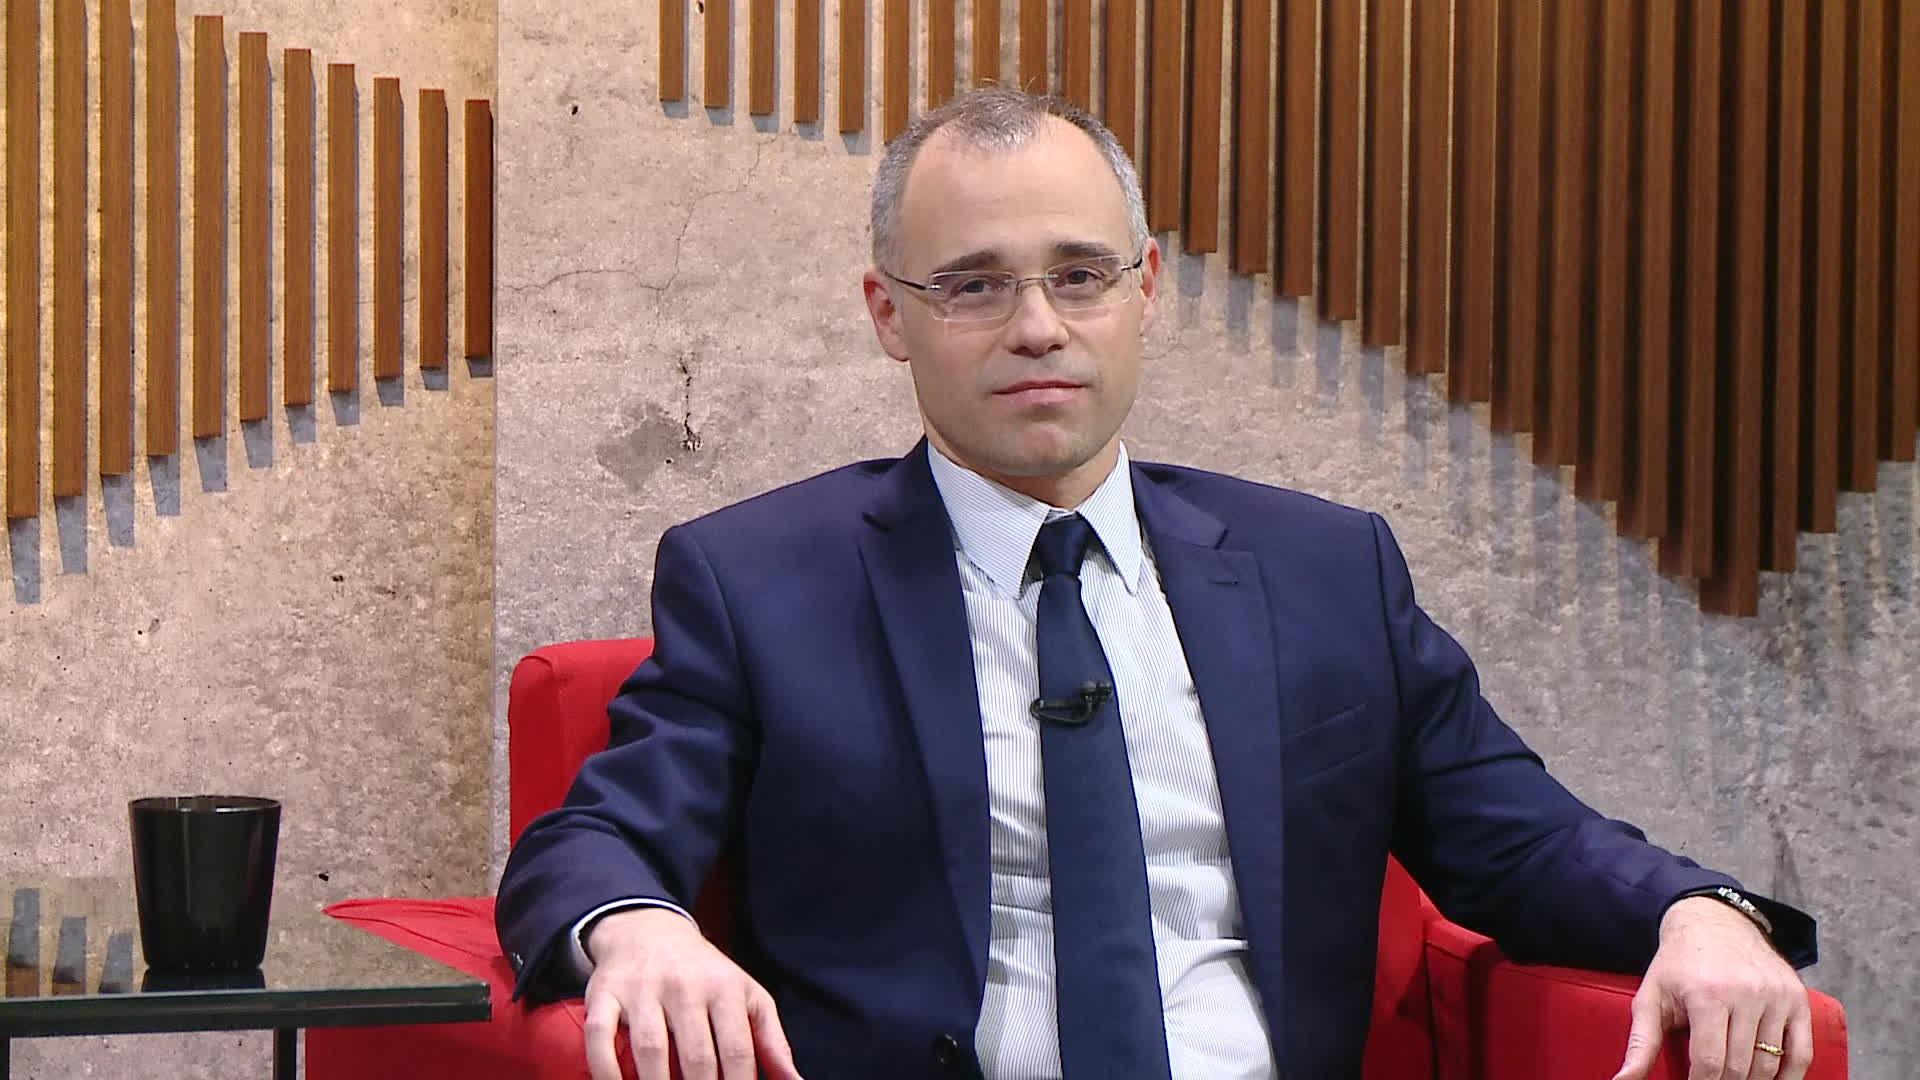 Ministro da Advocacia Geral da União, André Mendonça, entra em isolamento por suspeita de coronavírus